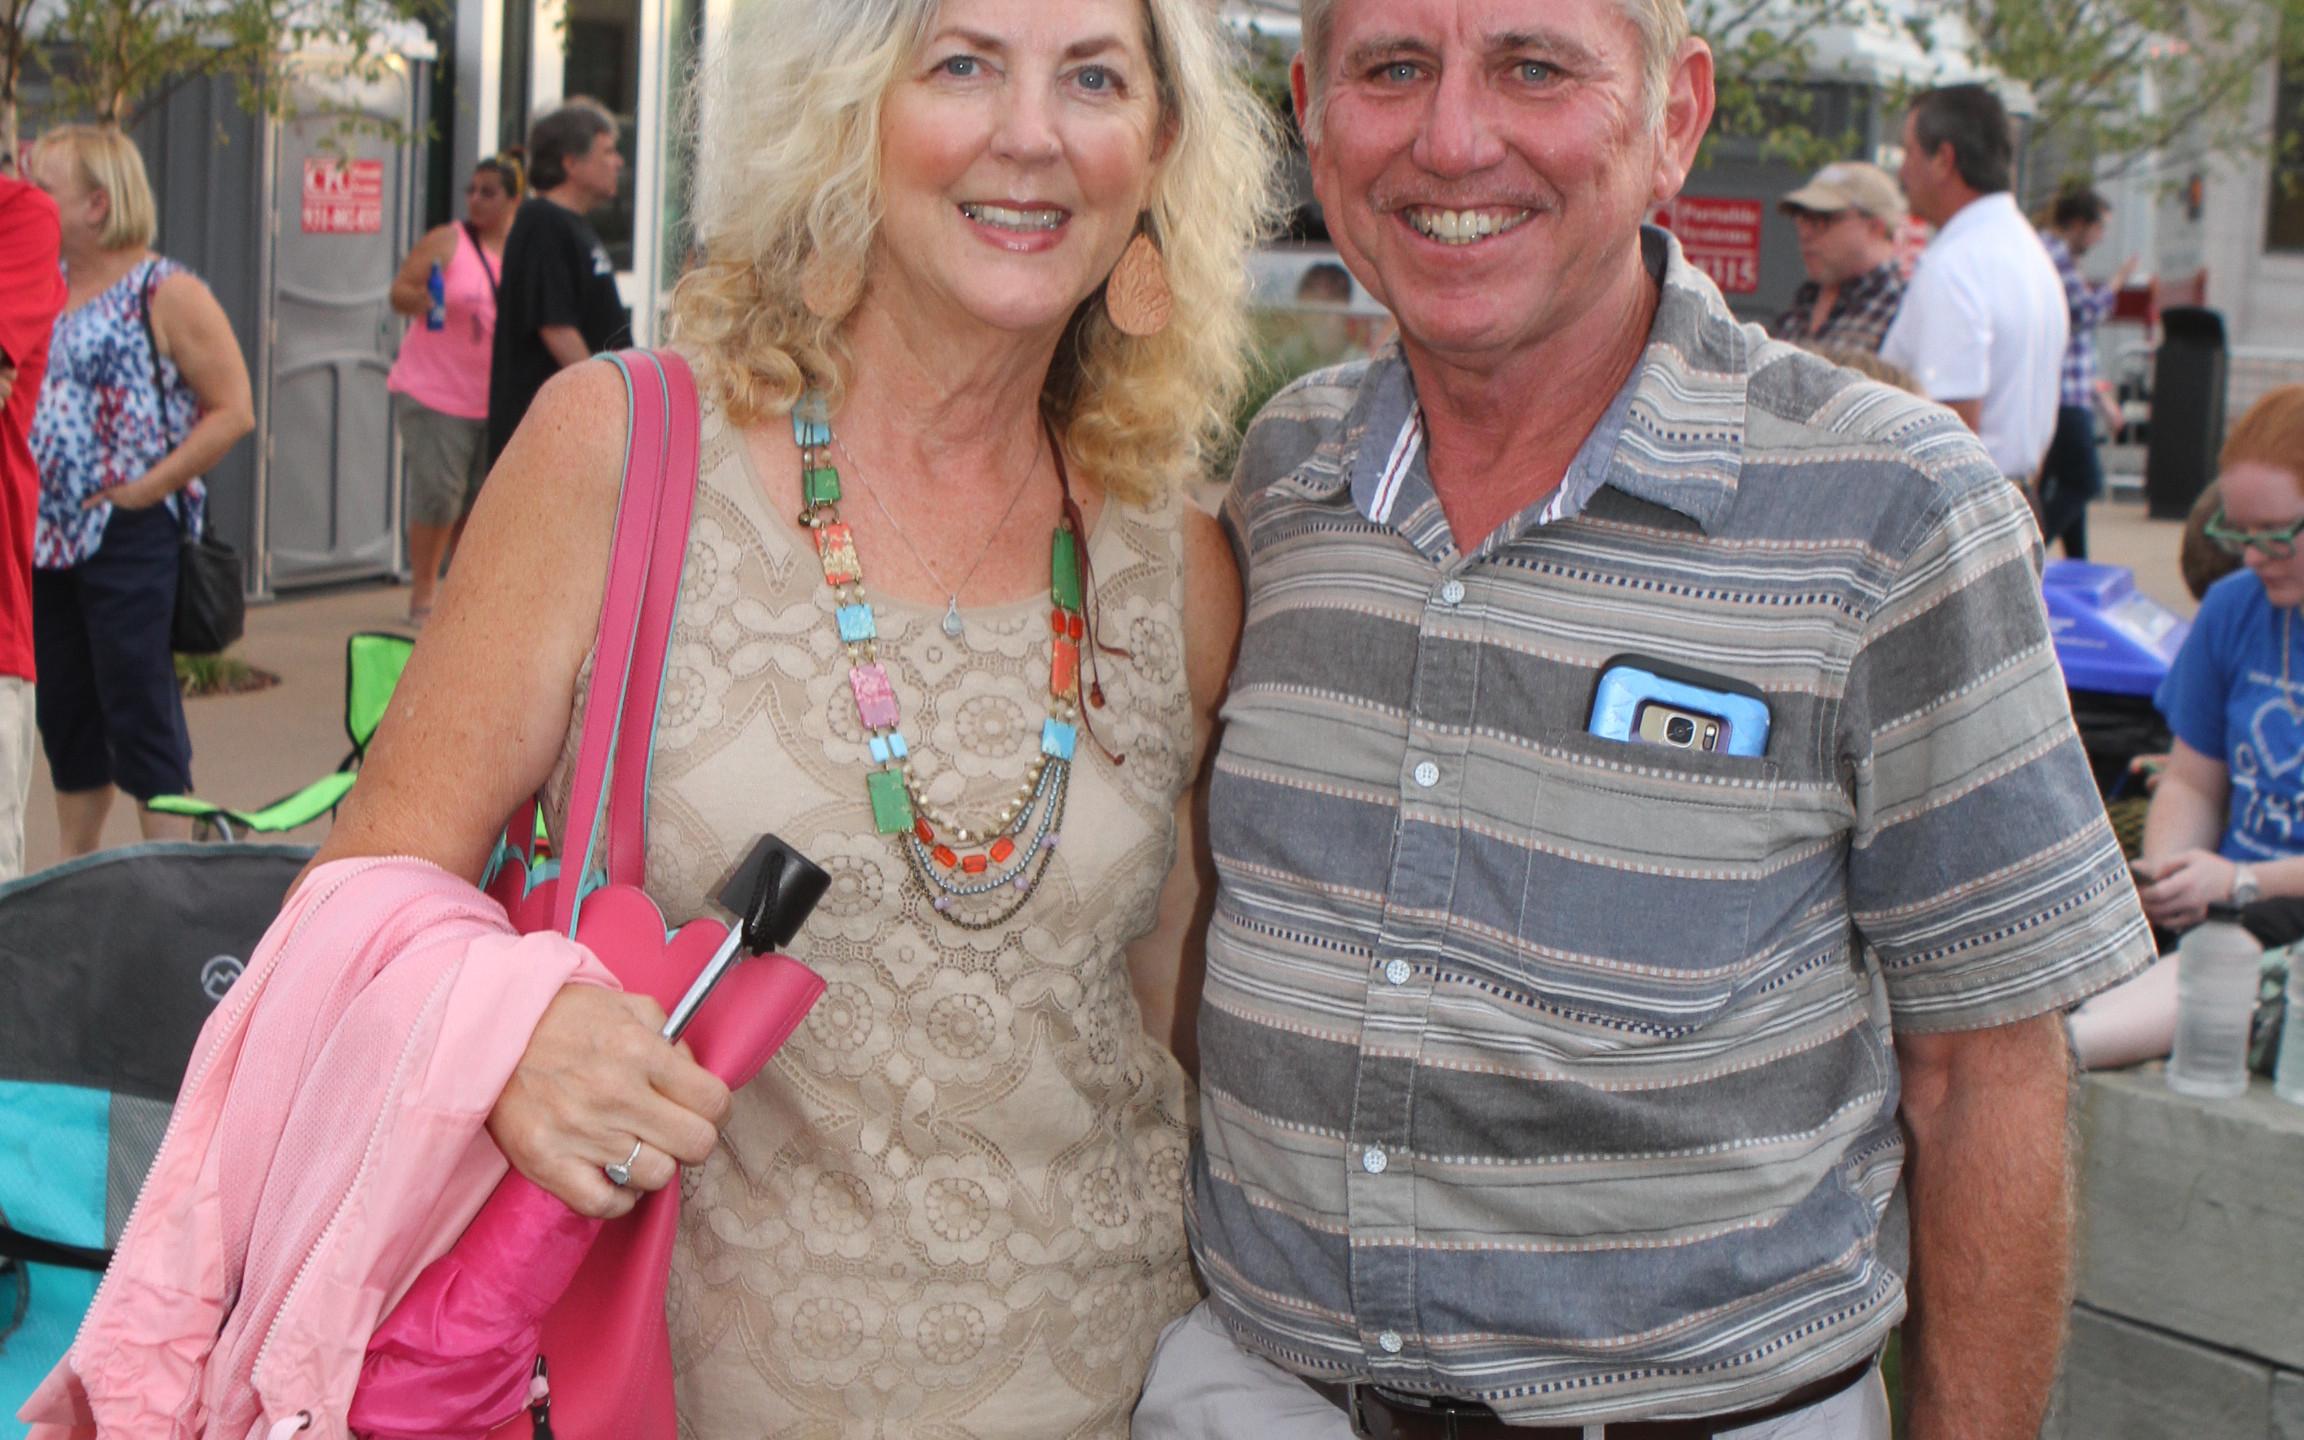 Barbara Clan, Mike Dean